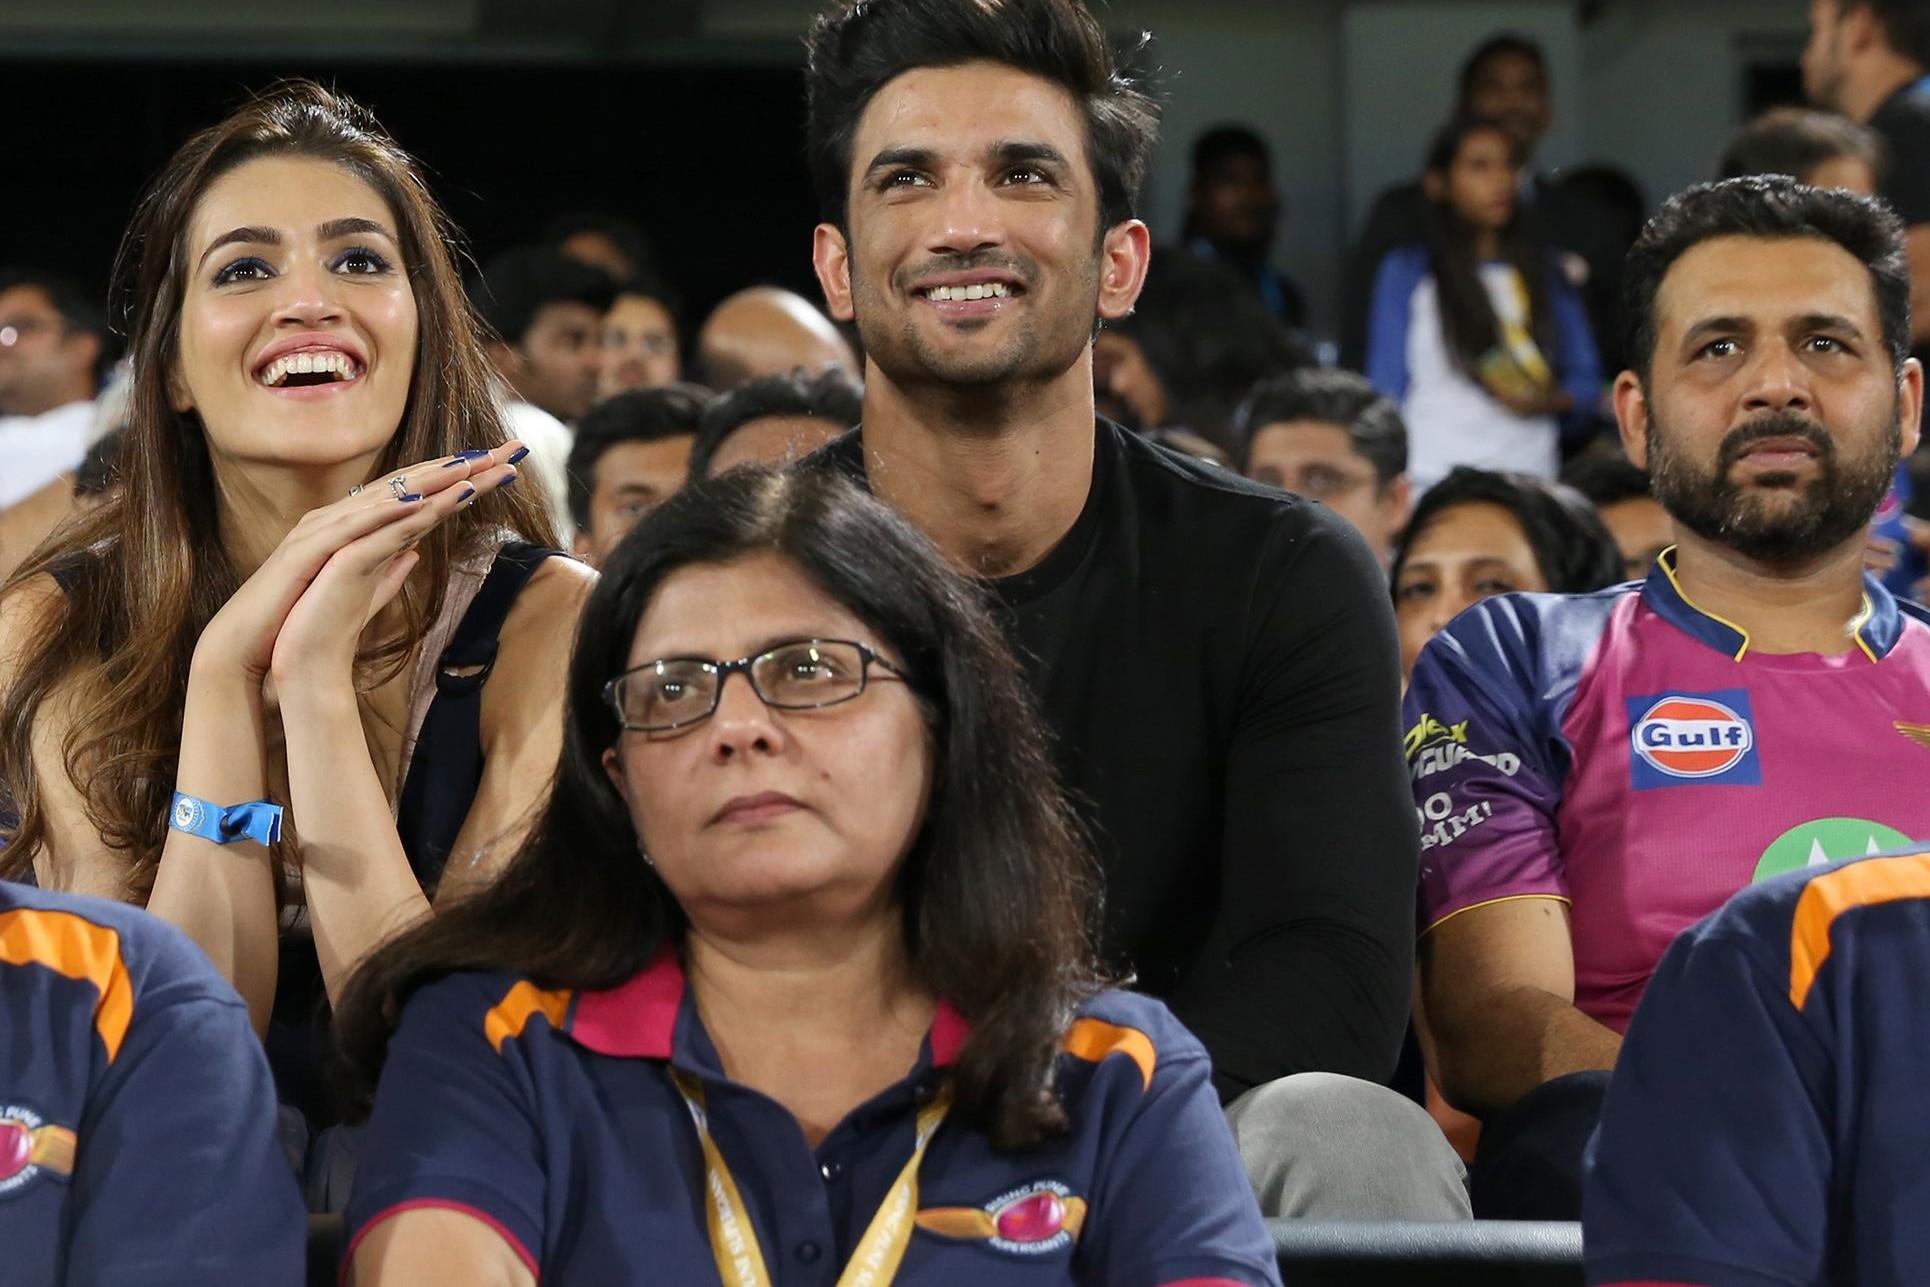 पुणे और मुंबई के बीच फाइनल मैच के दौरान इस खुबसुरत अभिनेत्री के साथ दिखे रील धोनी 59